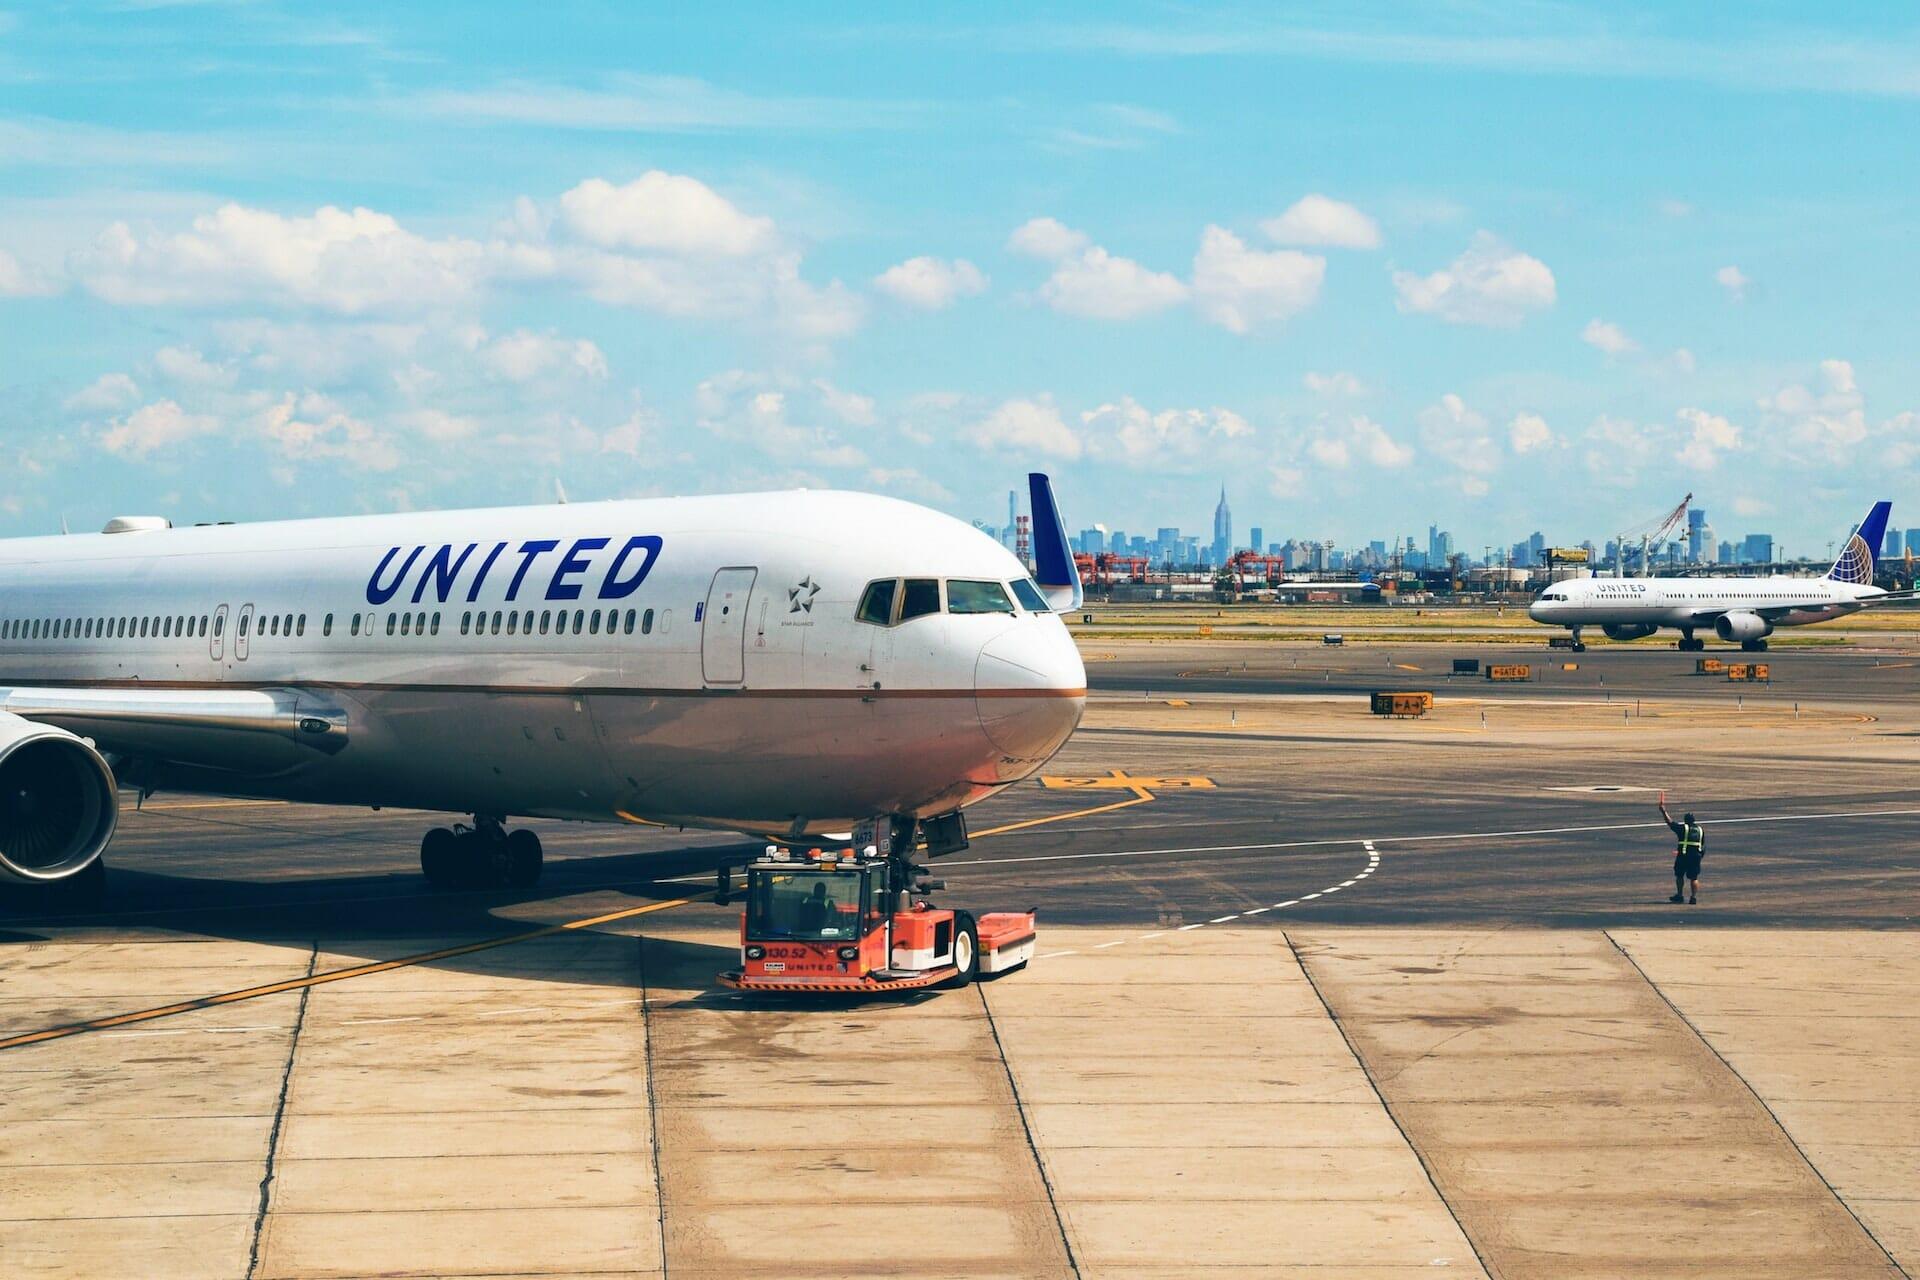 United explorer business card signup bonus ends soon